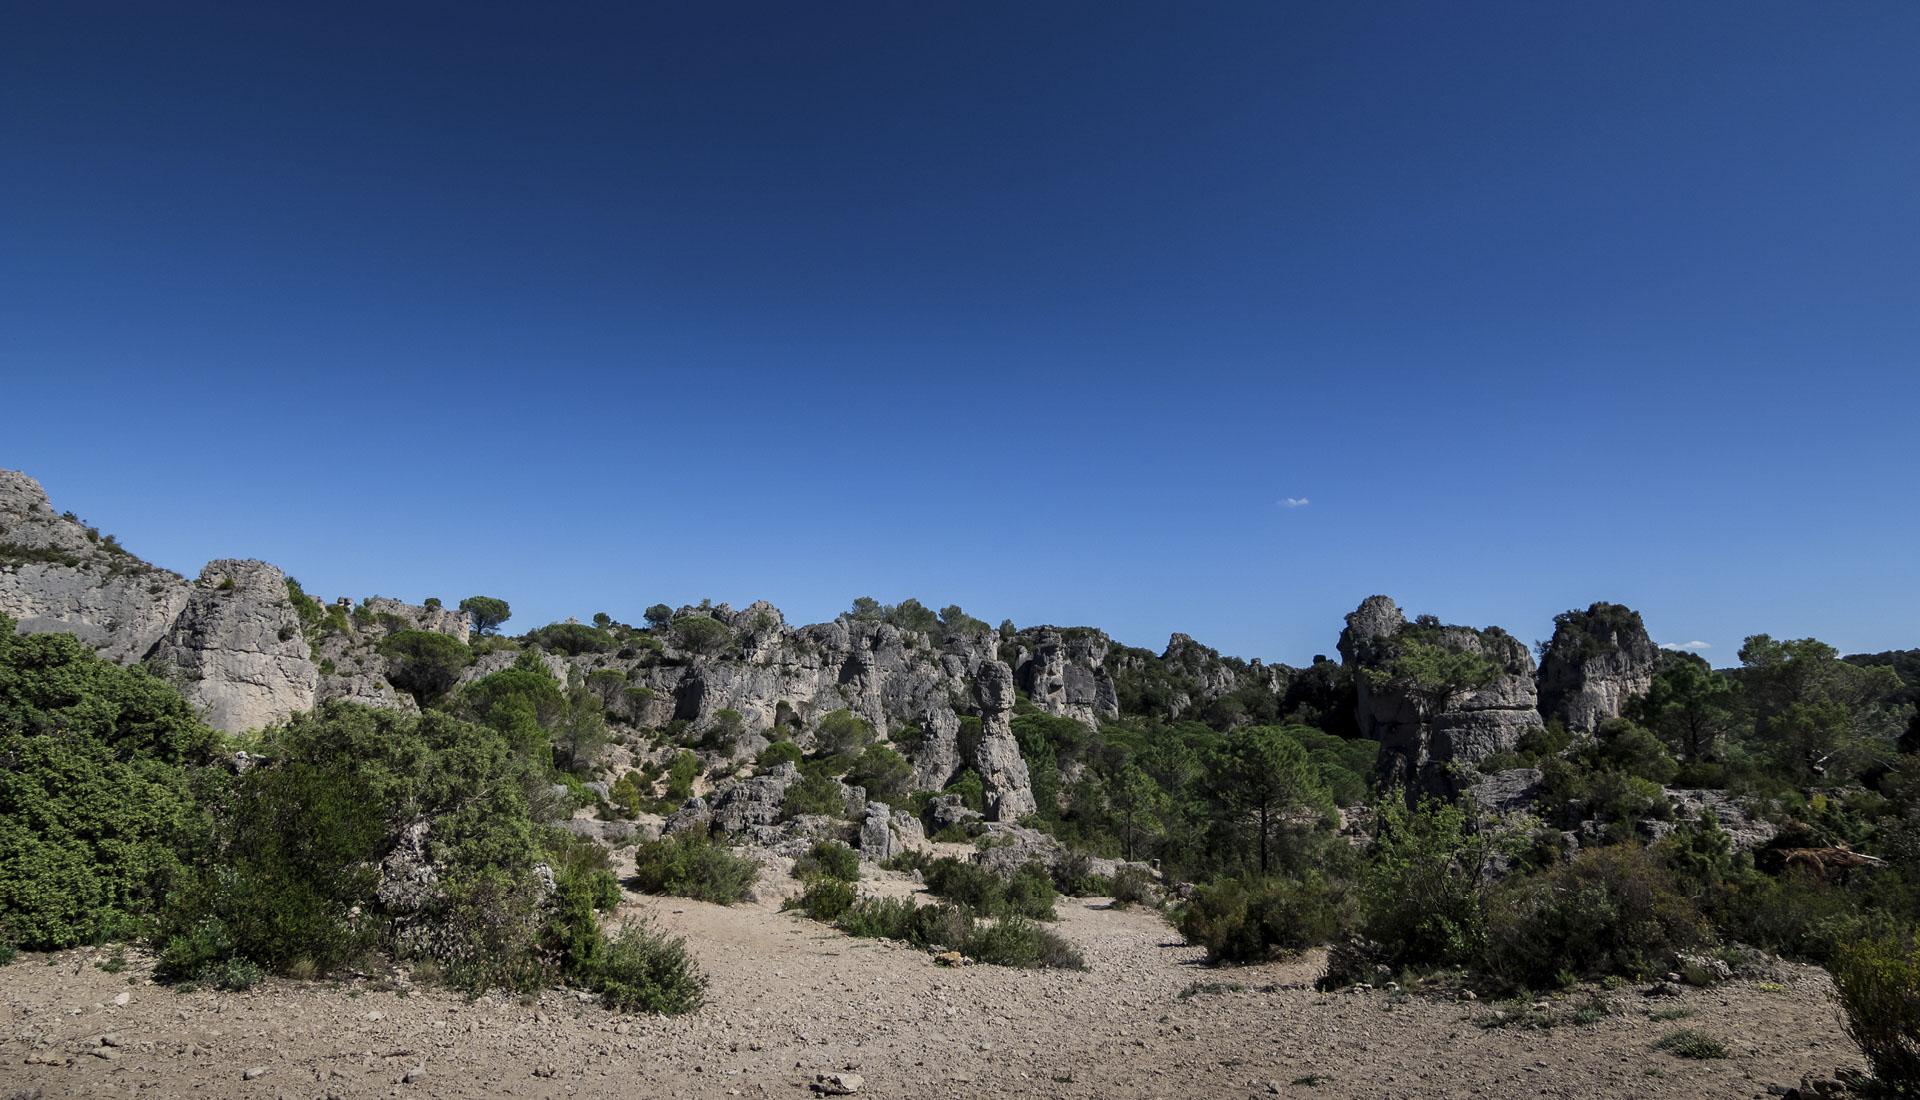 Cirque de Mourèze Plateau du Grand Site ©Maurice Von Mosel